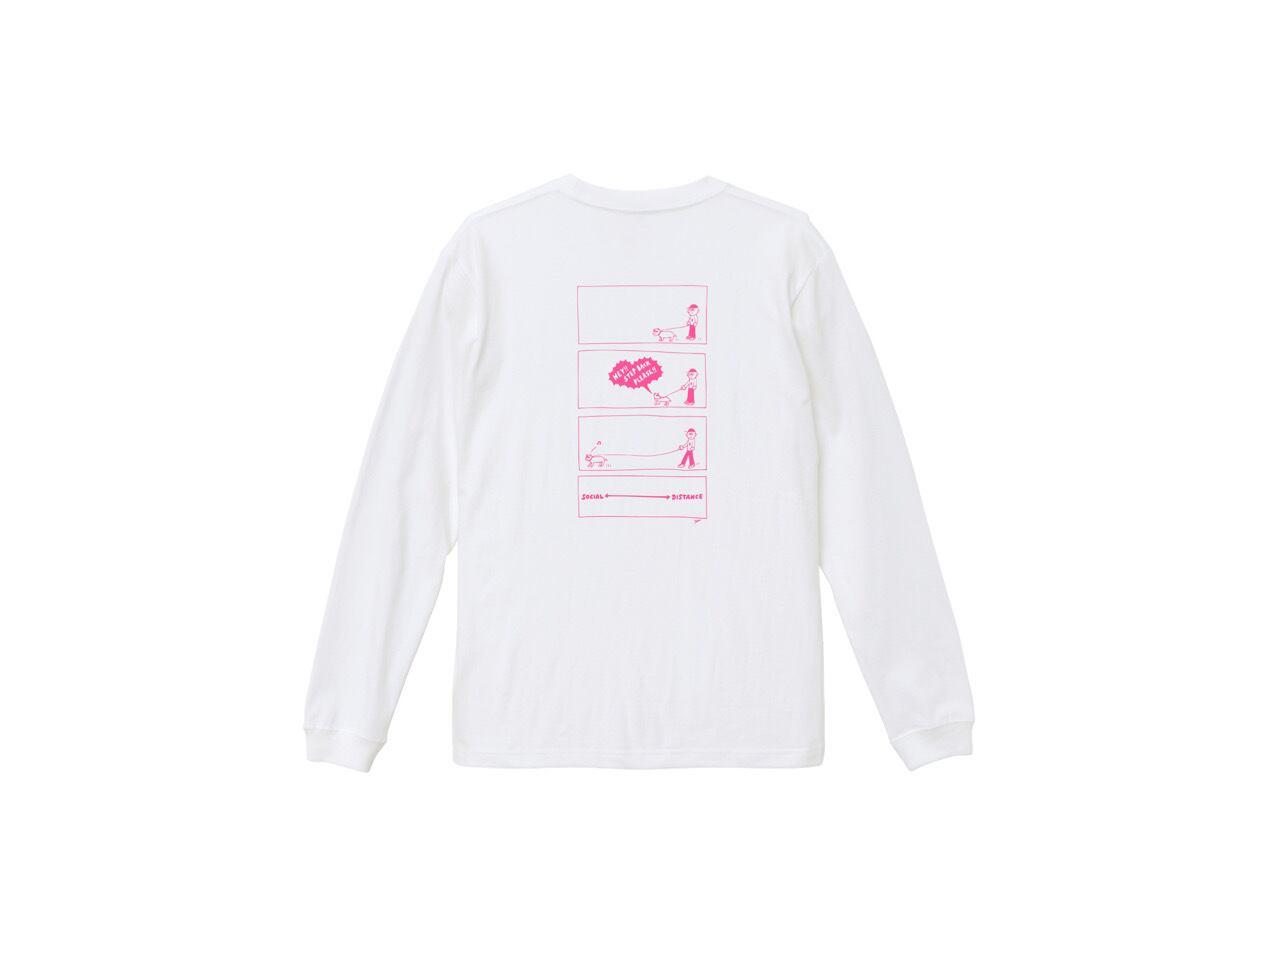 SHI × coguchi Dog SD long T-shirt (WH/PK)